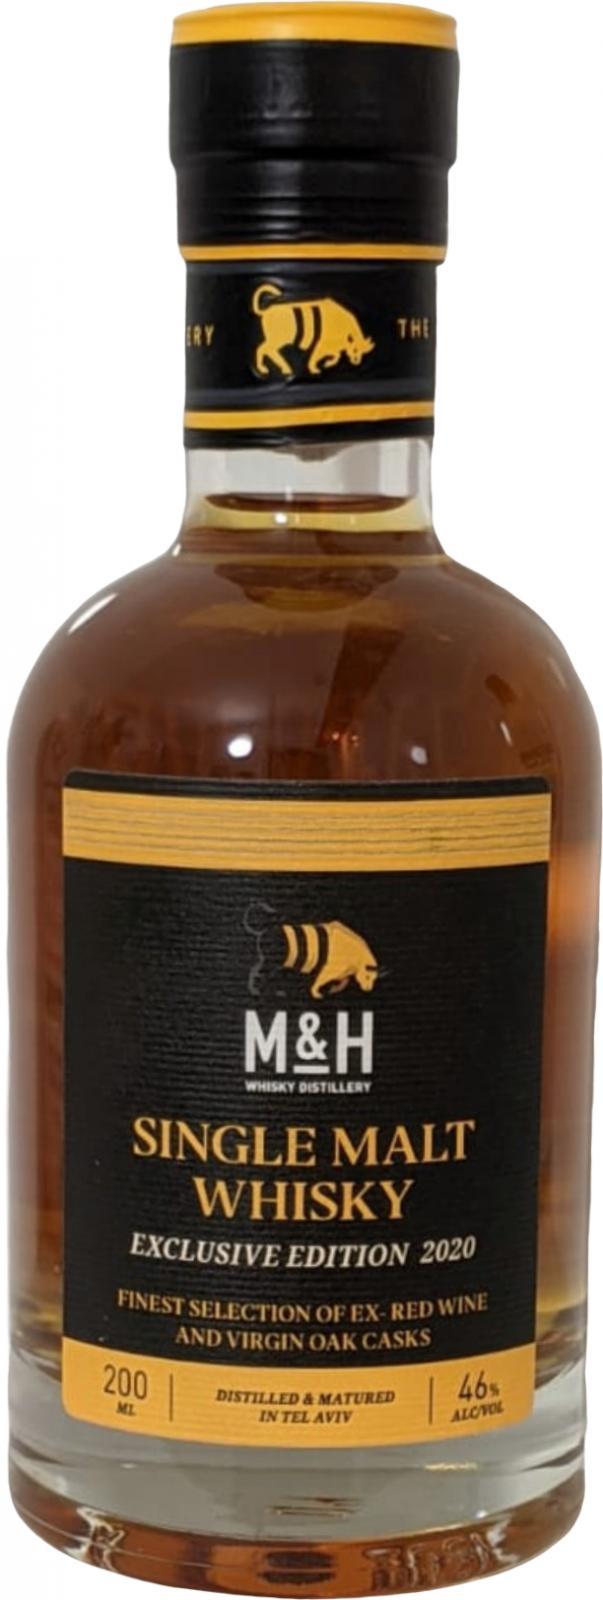 Milk & Honey Single Malt Whisky